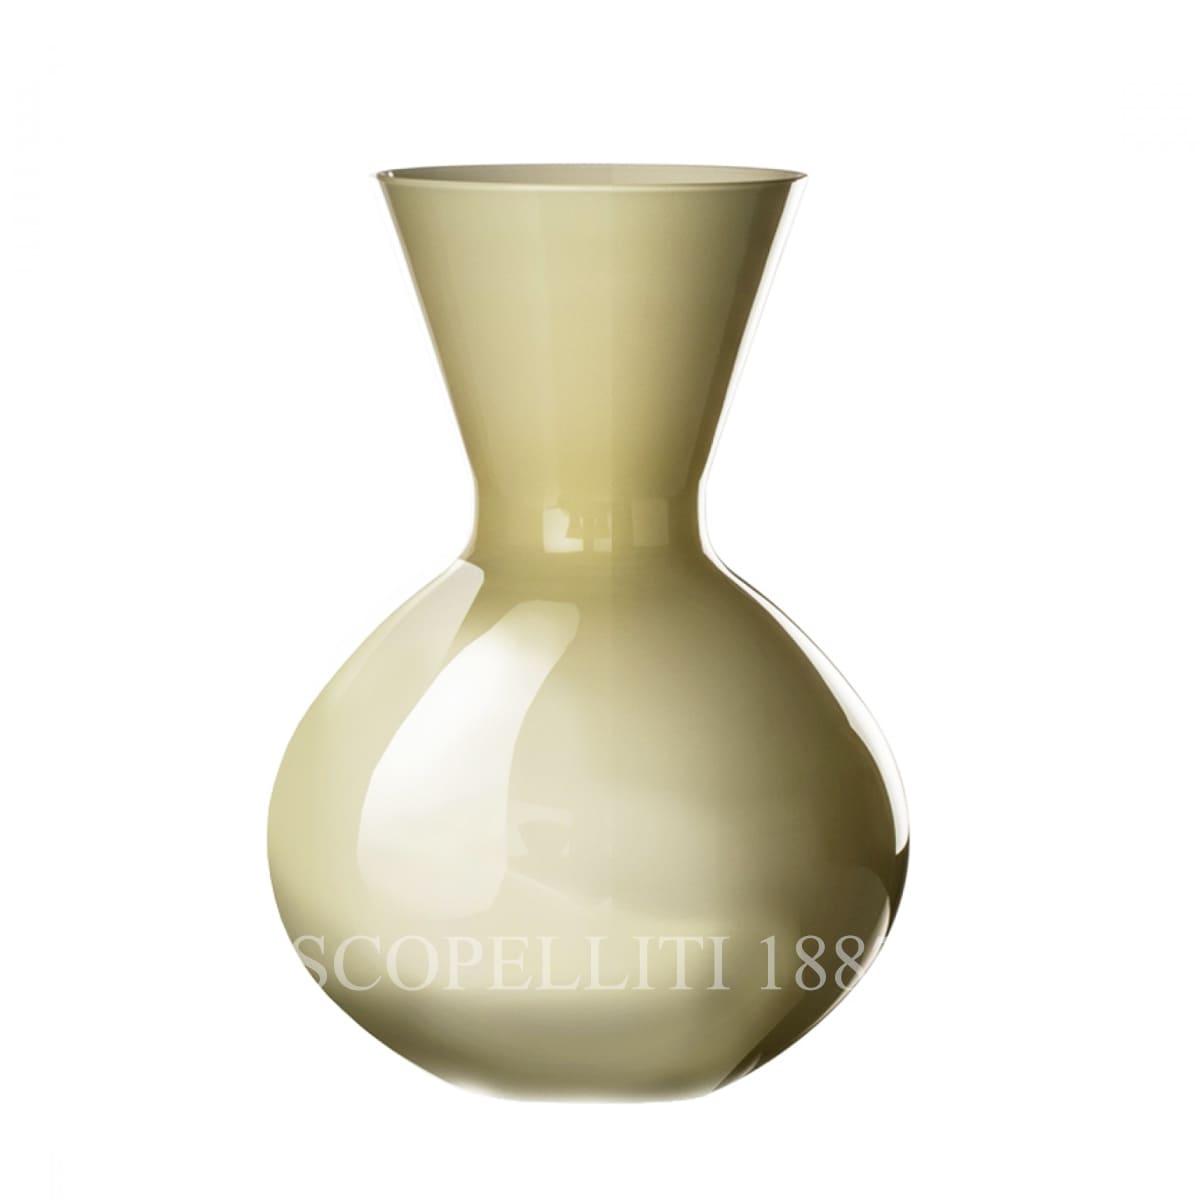 venini idria italian designer murano glass vase straw yellow